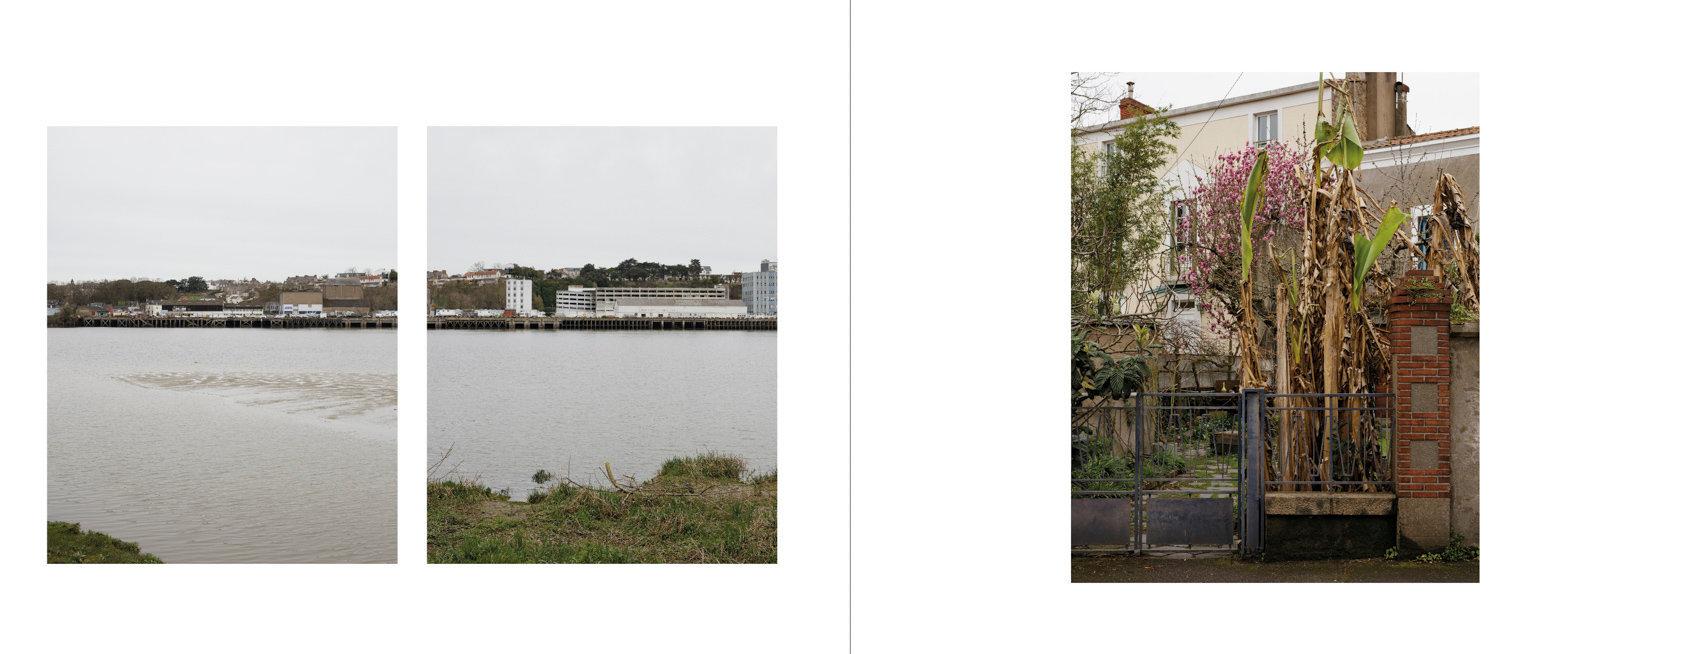 Nantes-Bouguenais-12.jpg